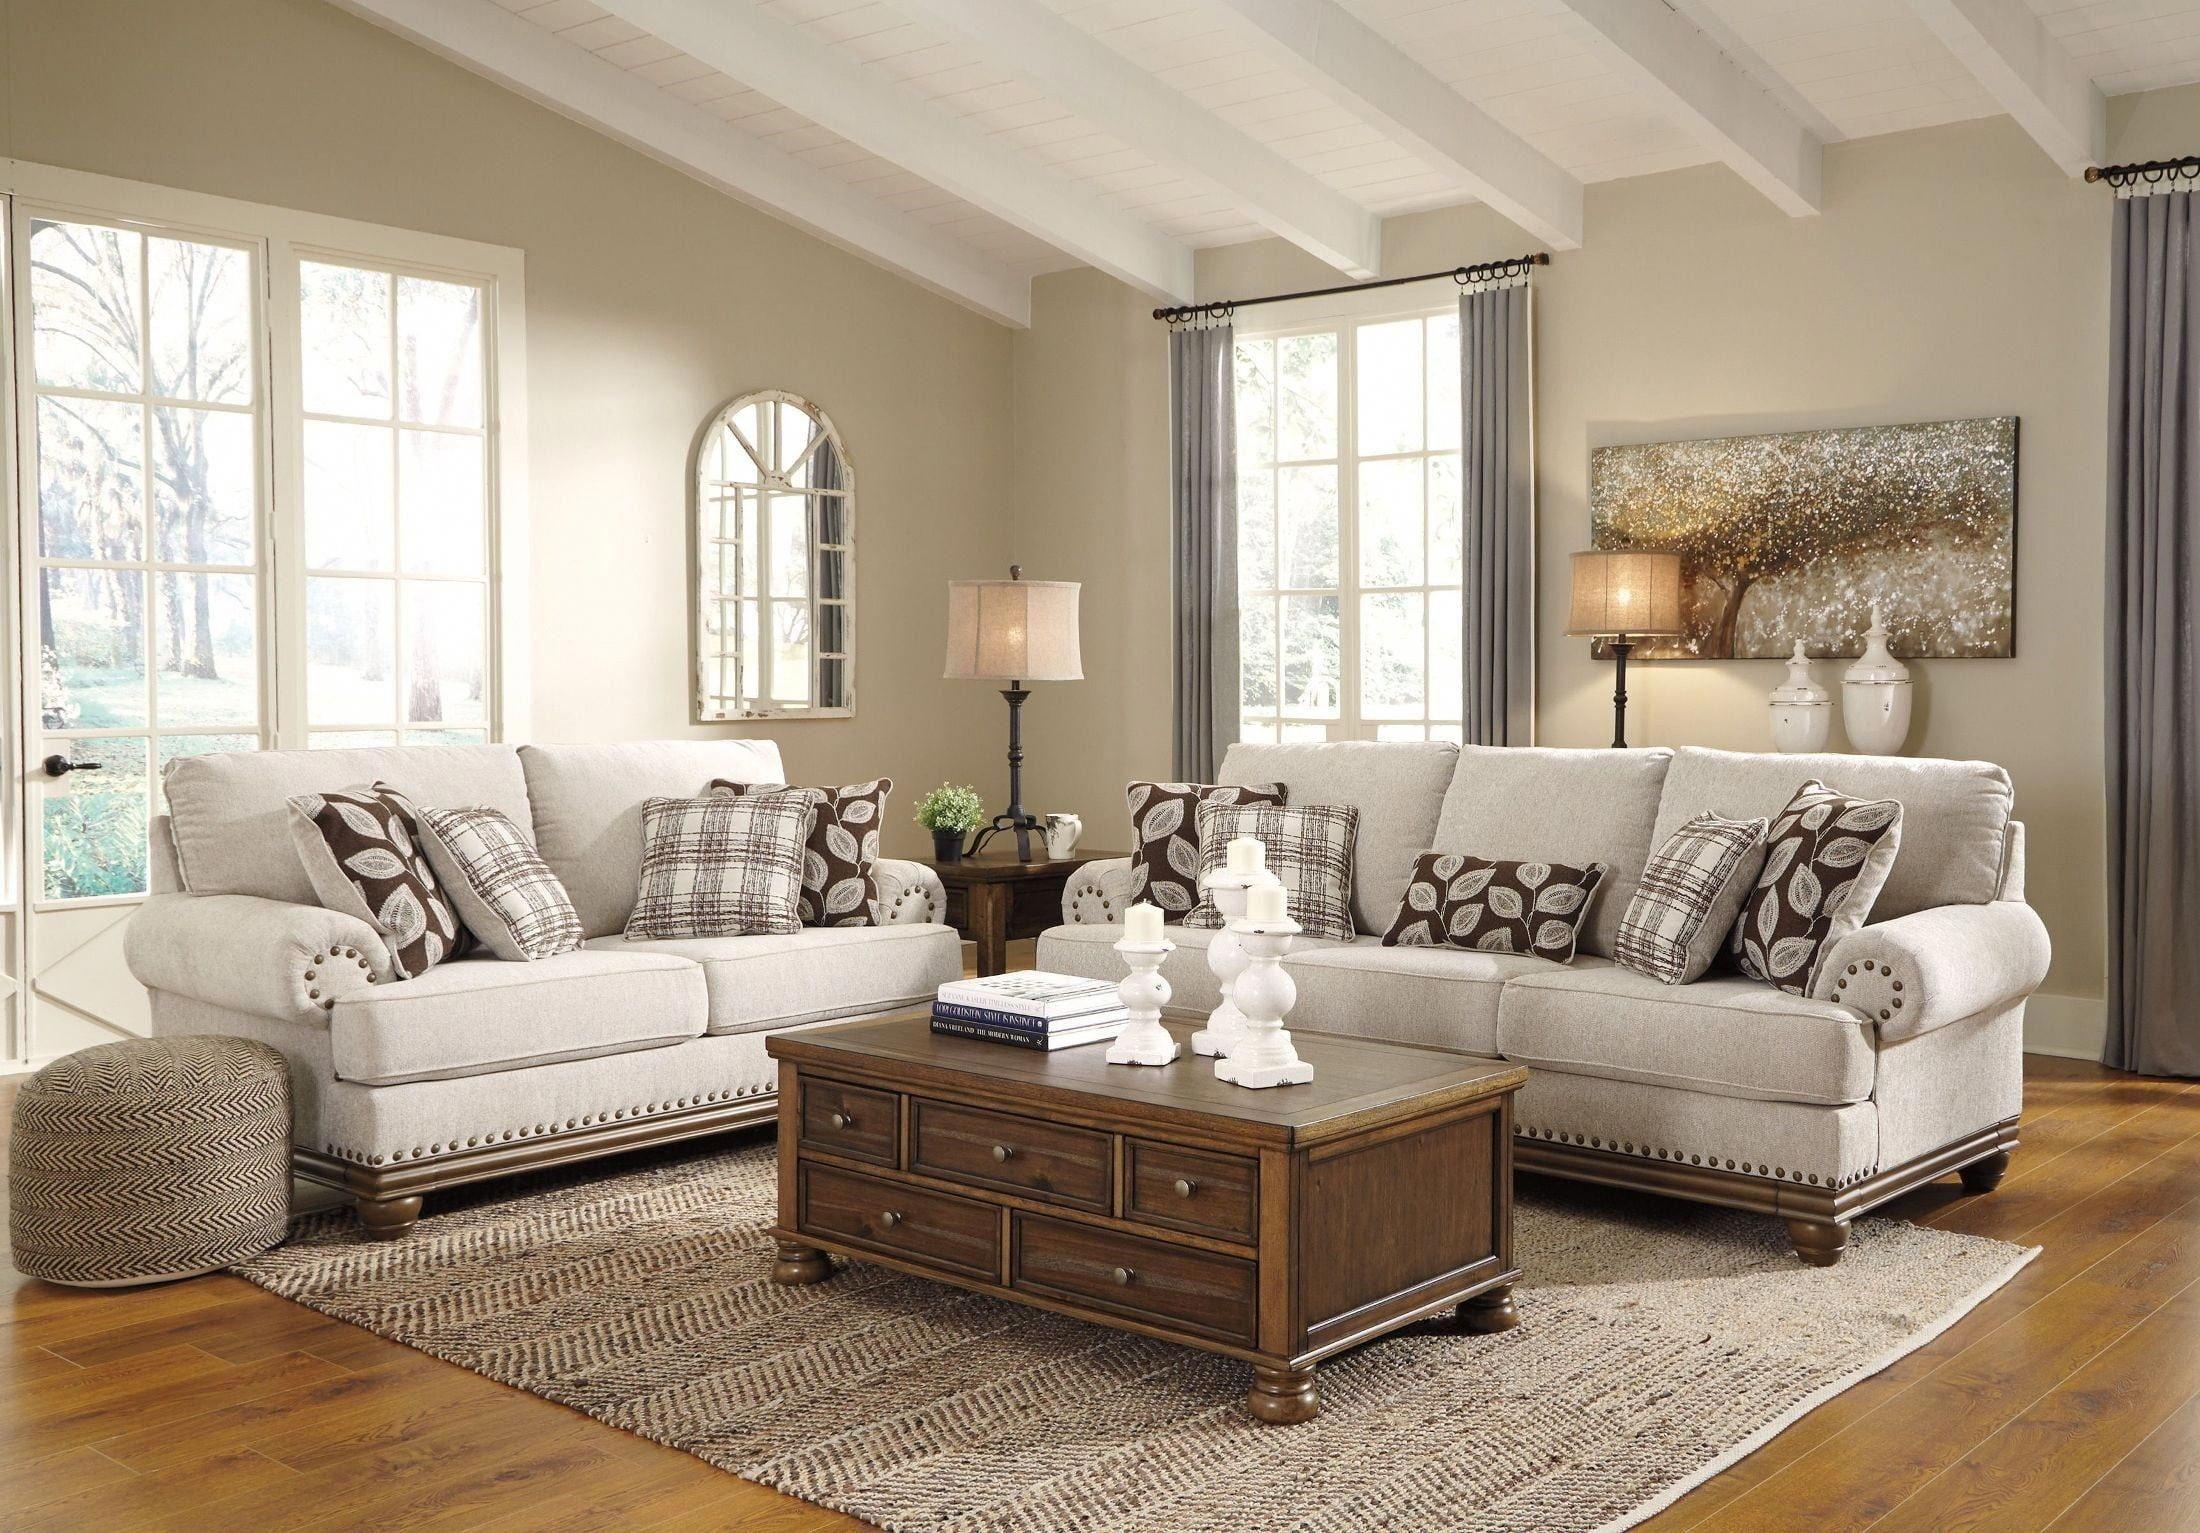 91 Premium Large Traditional Enclosed Living Room Design Ideas